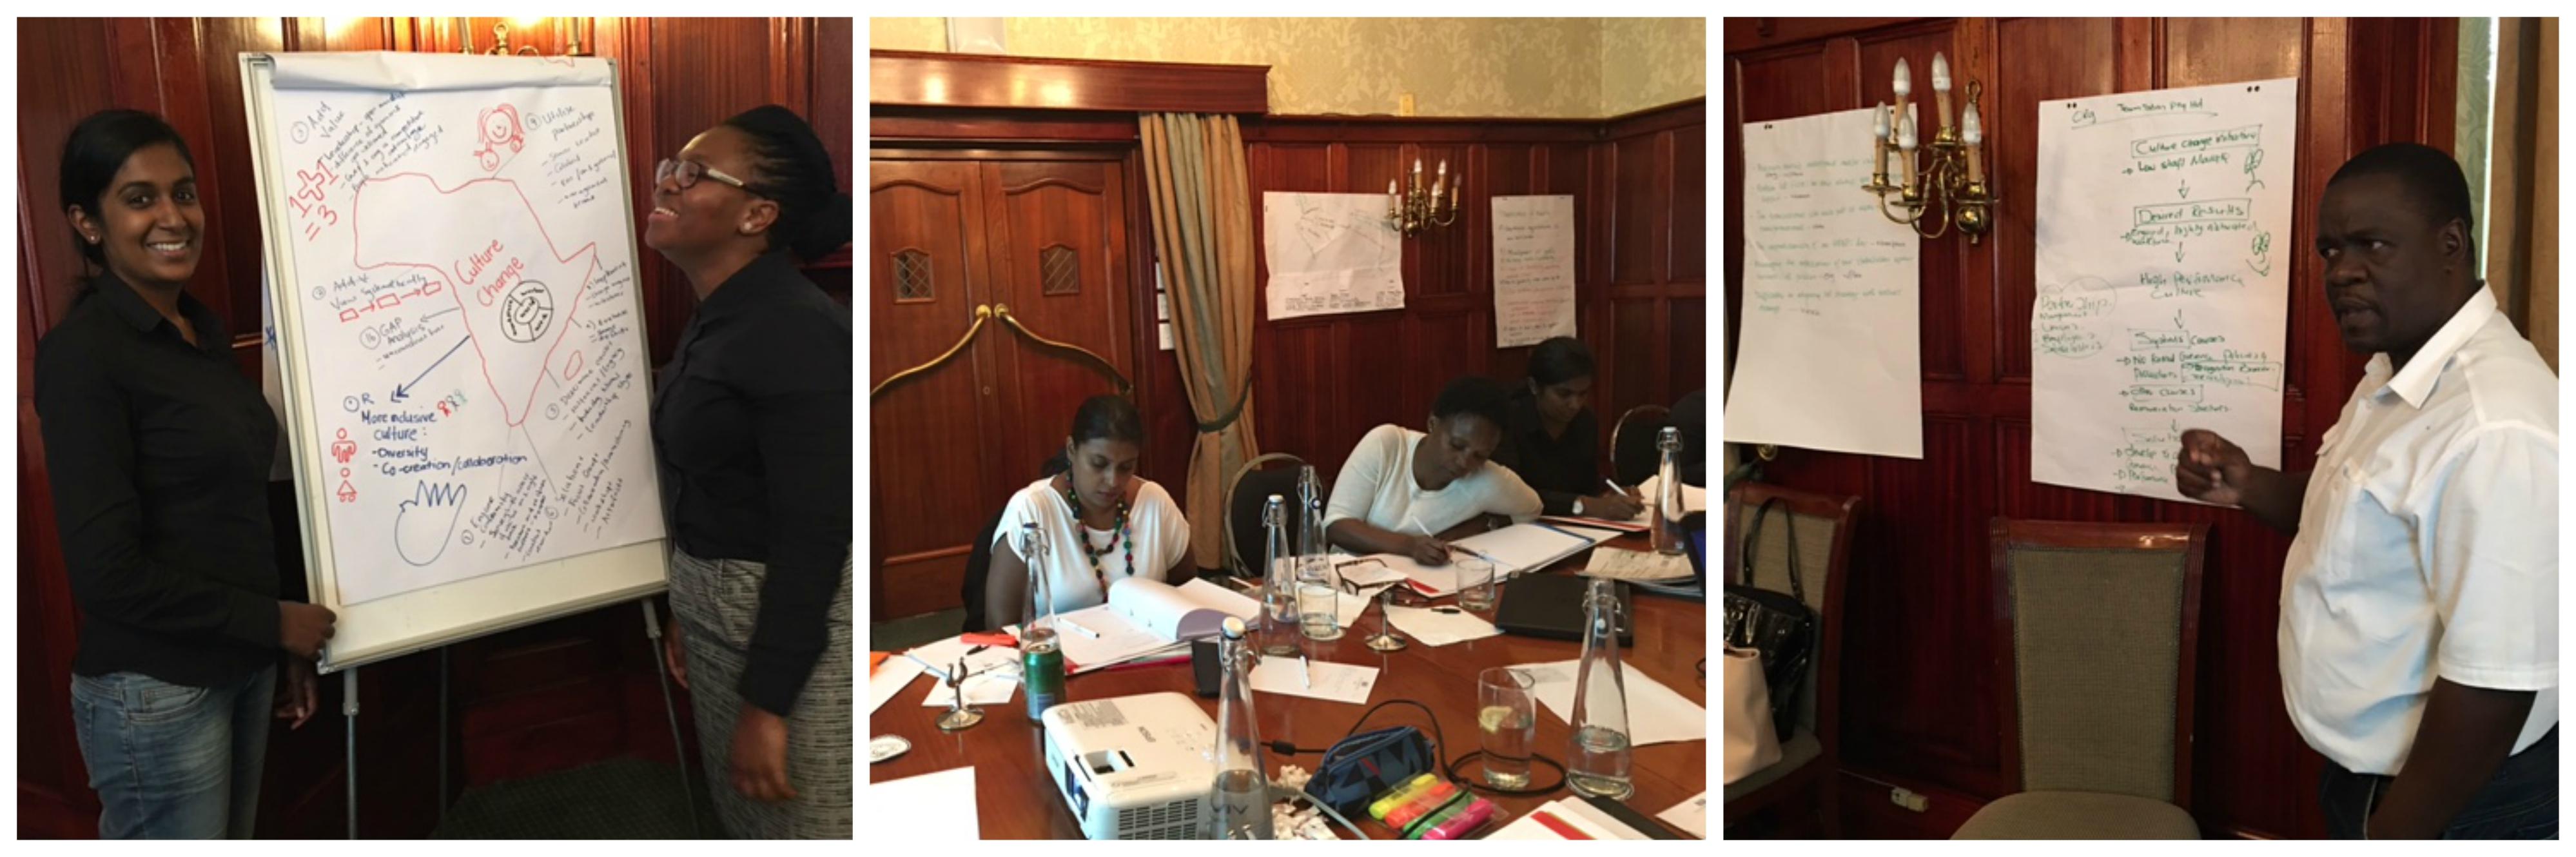 Improvid-HRBP-Workshop (2).jpg